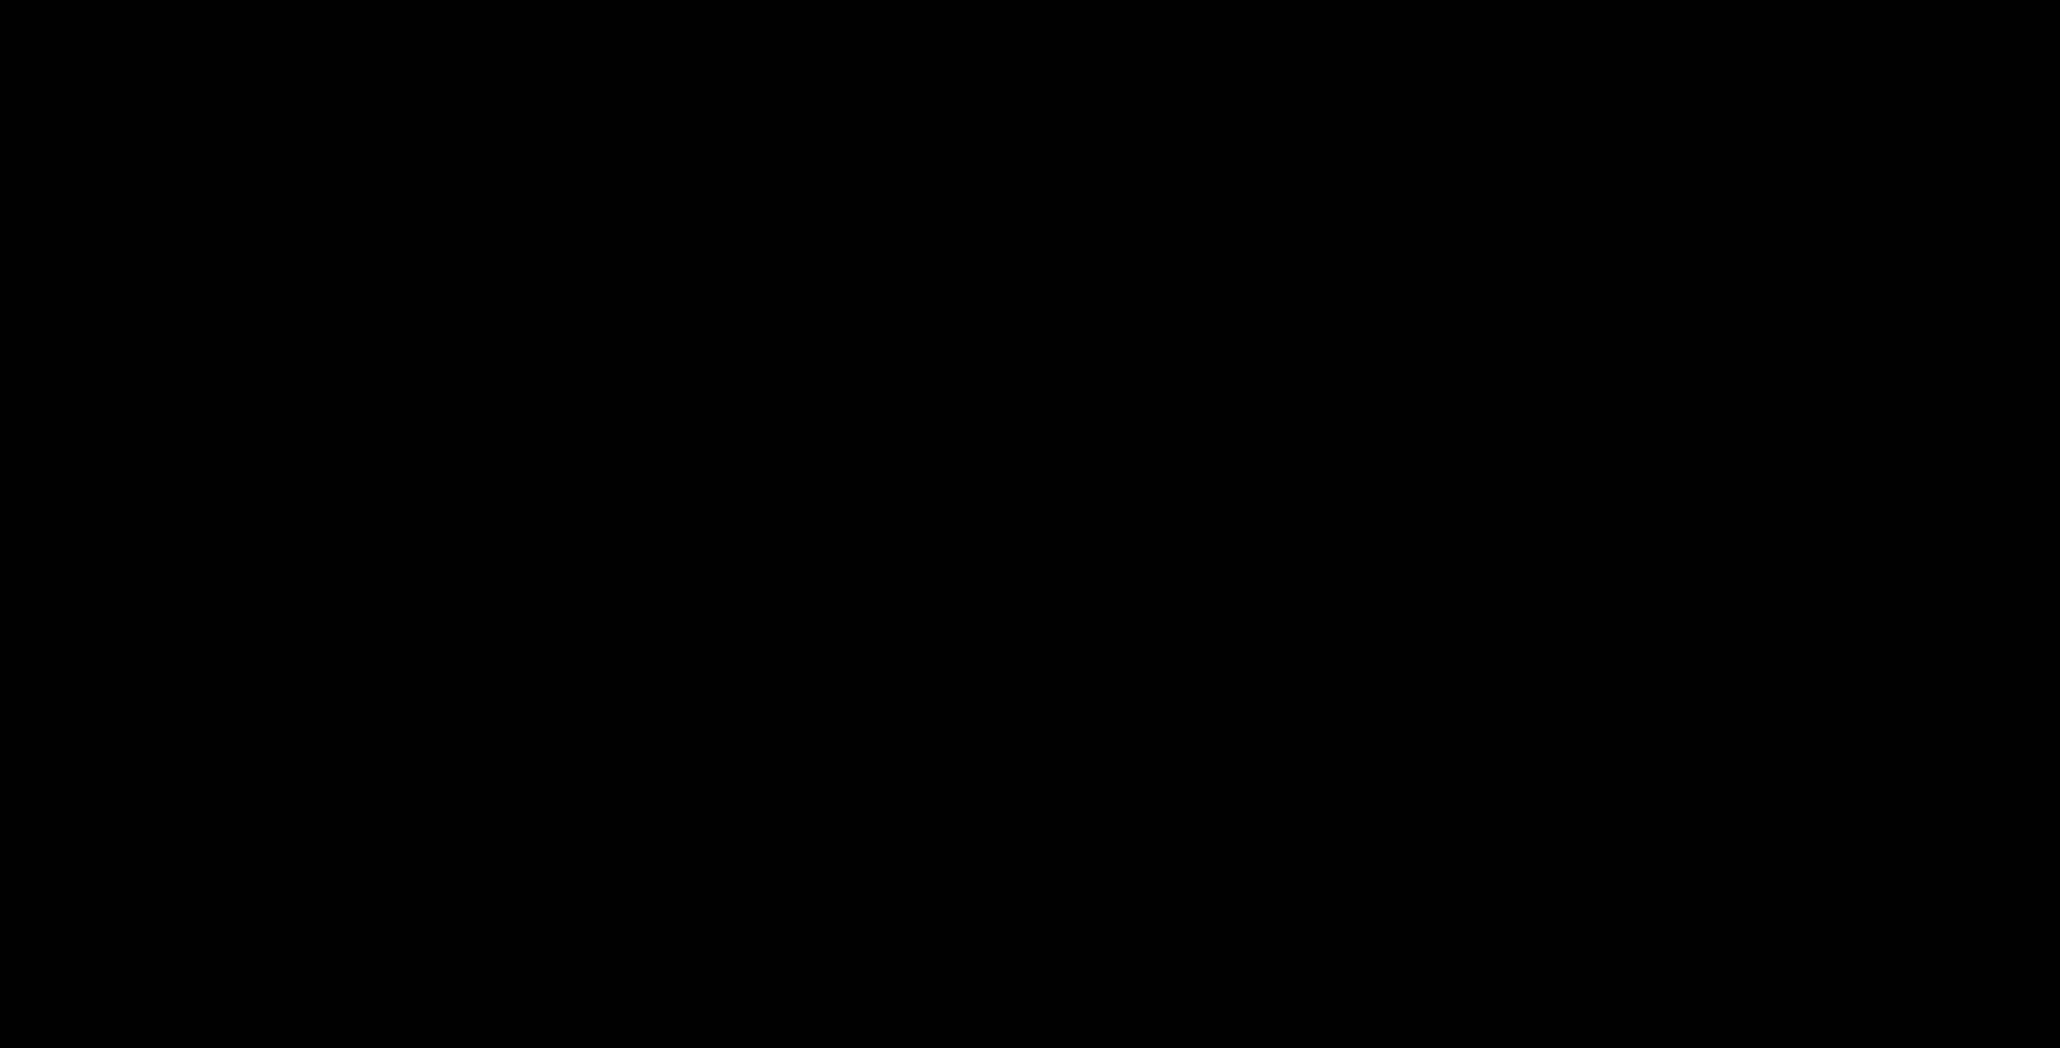 N-Feruloylserotonin-d<sub>7</sub>